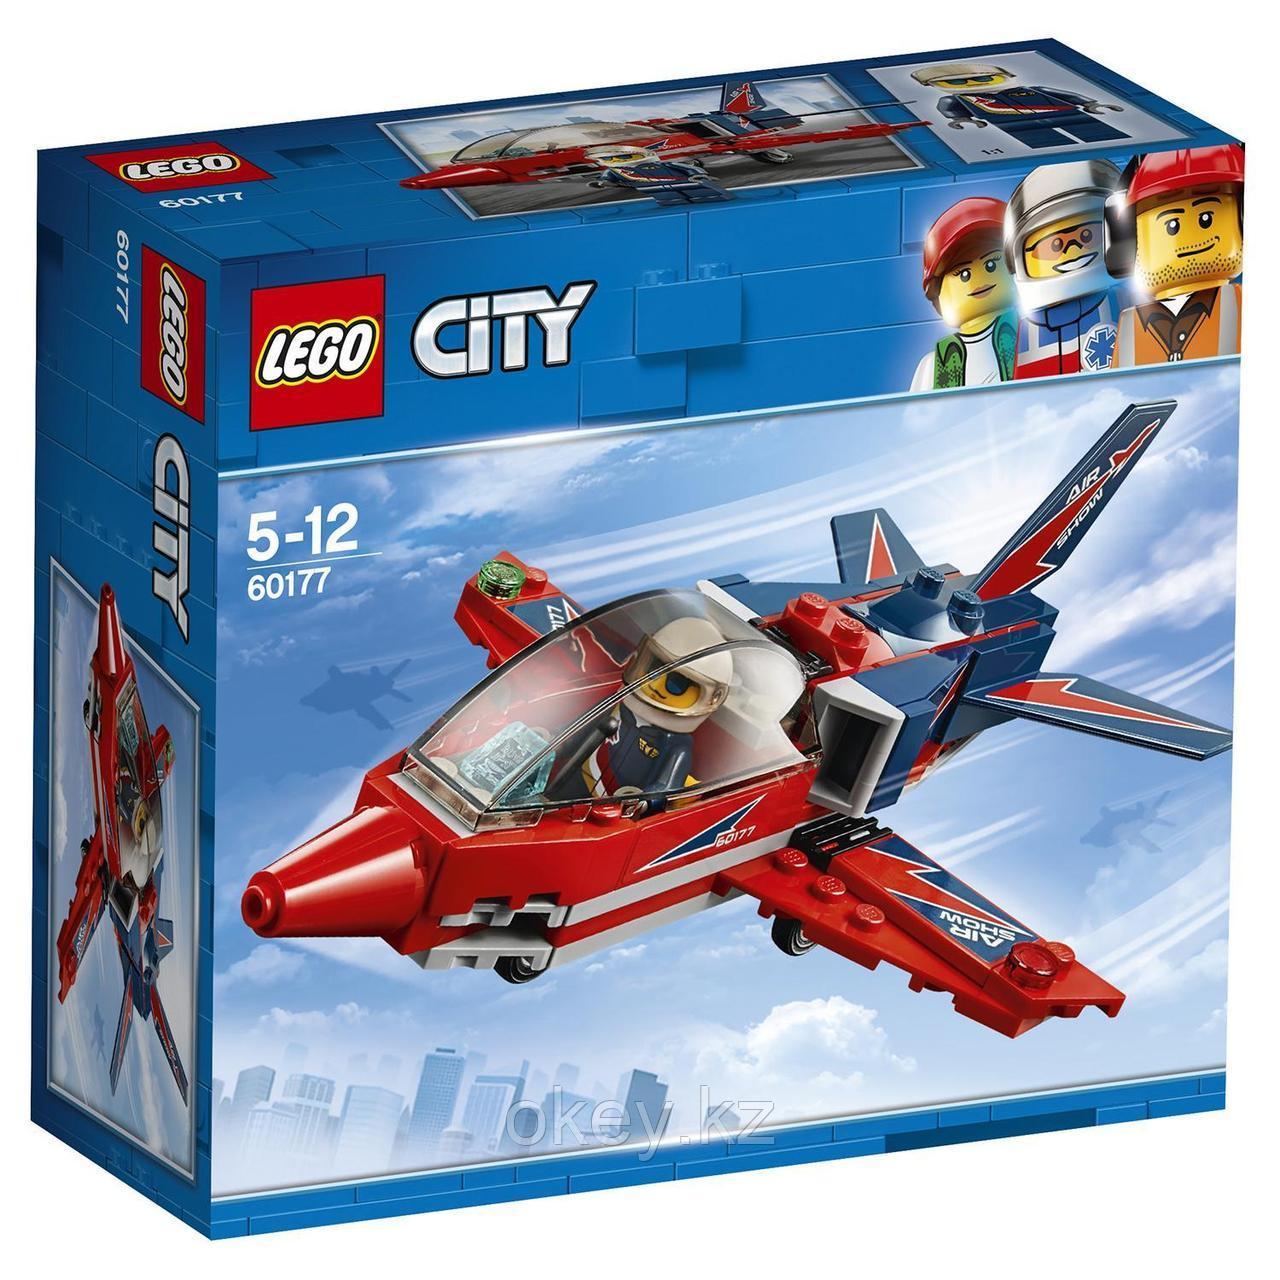 LEGO City: Реактивный самолет 60177